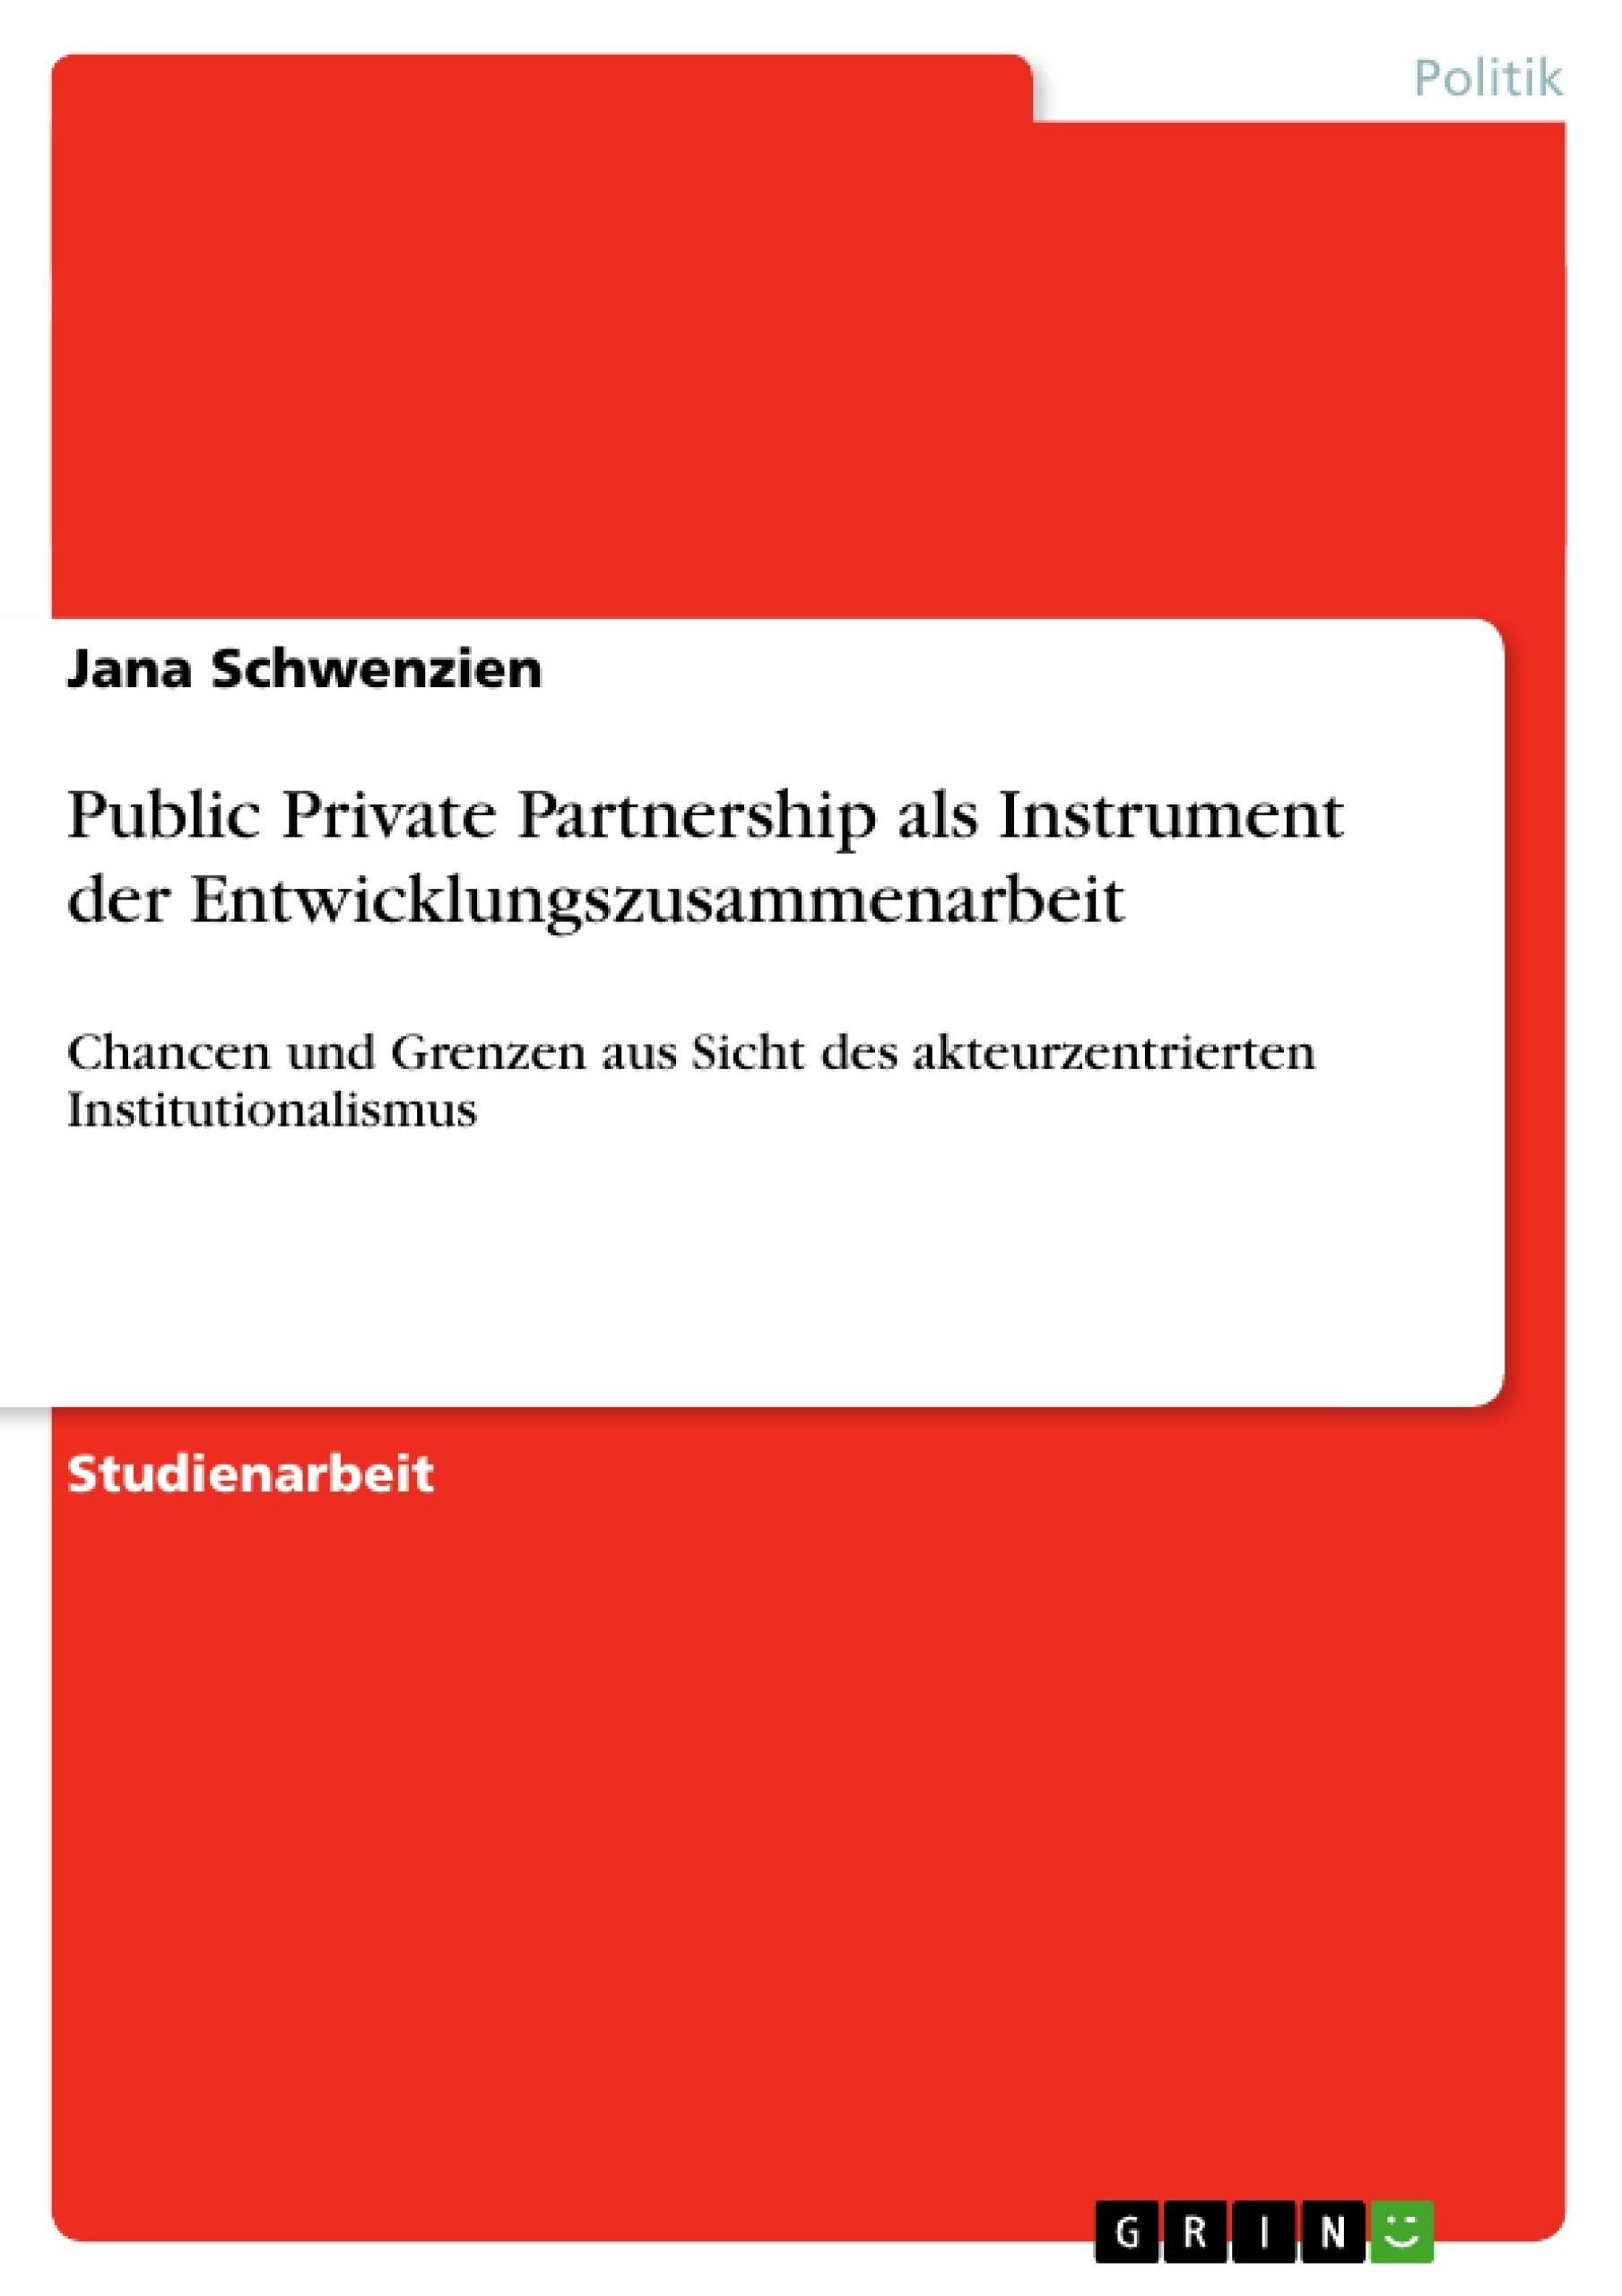 Titel: Public Private Partnership als Instrument der Entwicklungszusammenarbeit